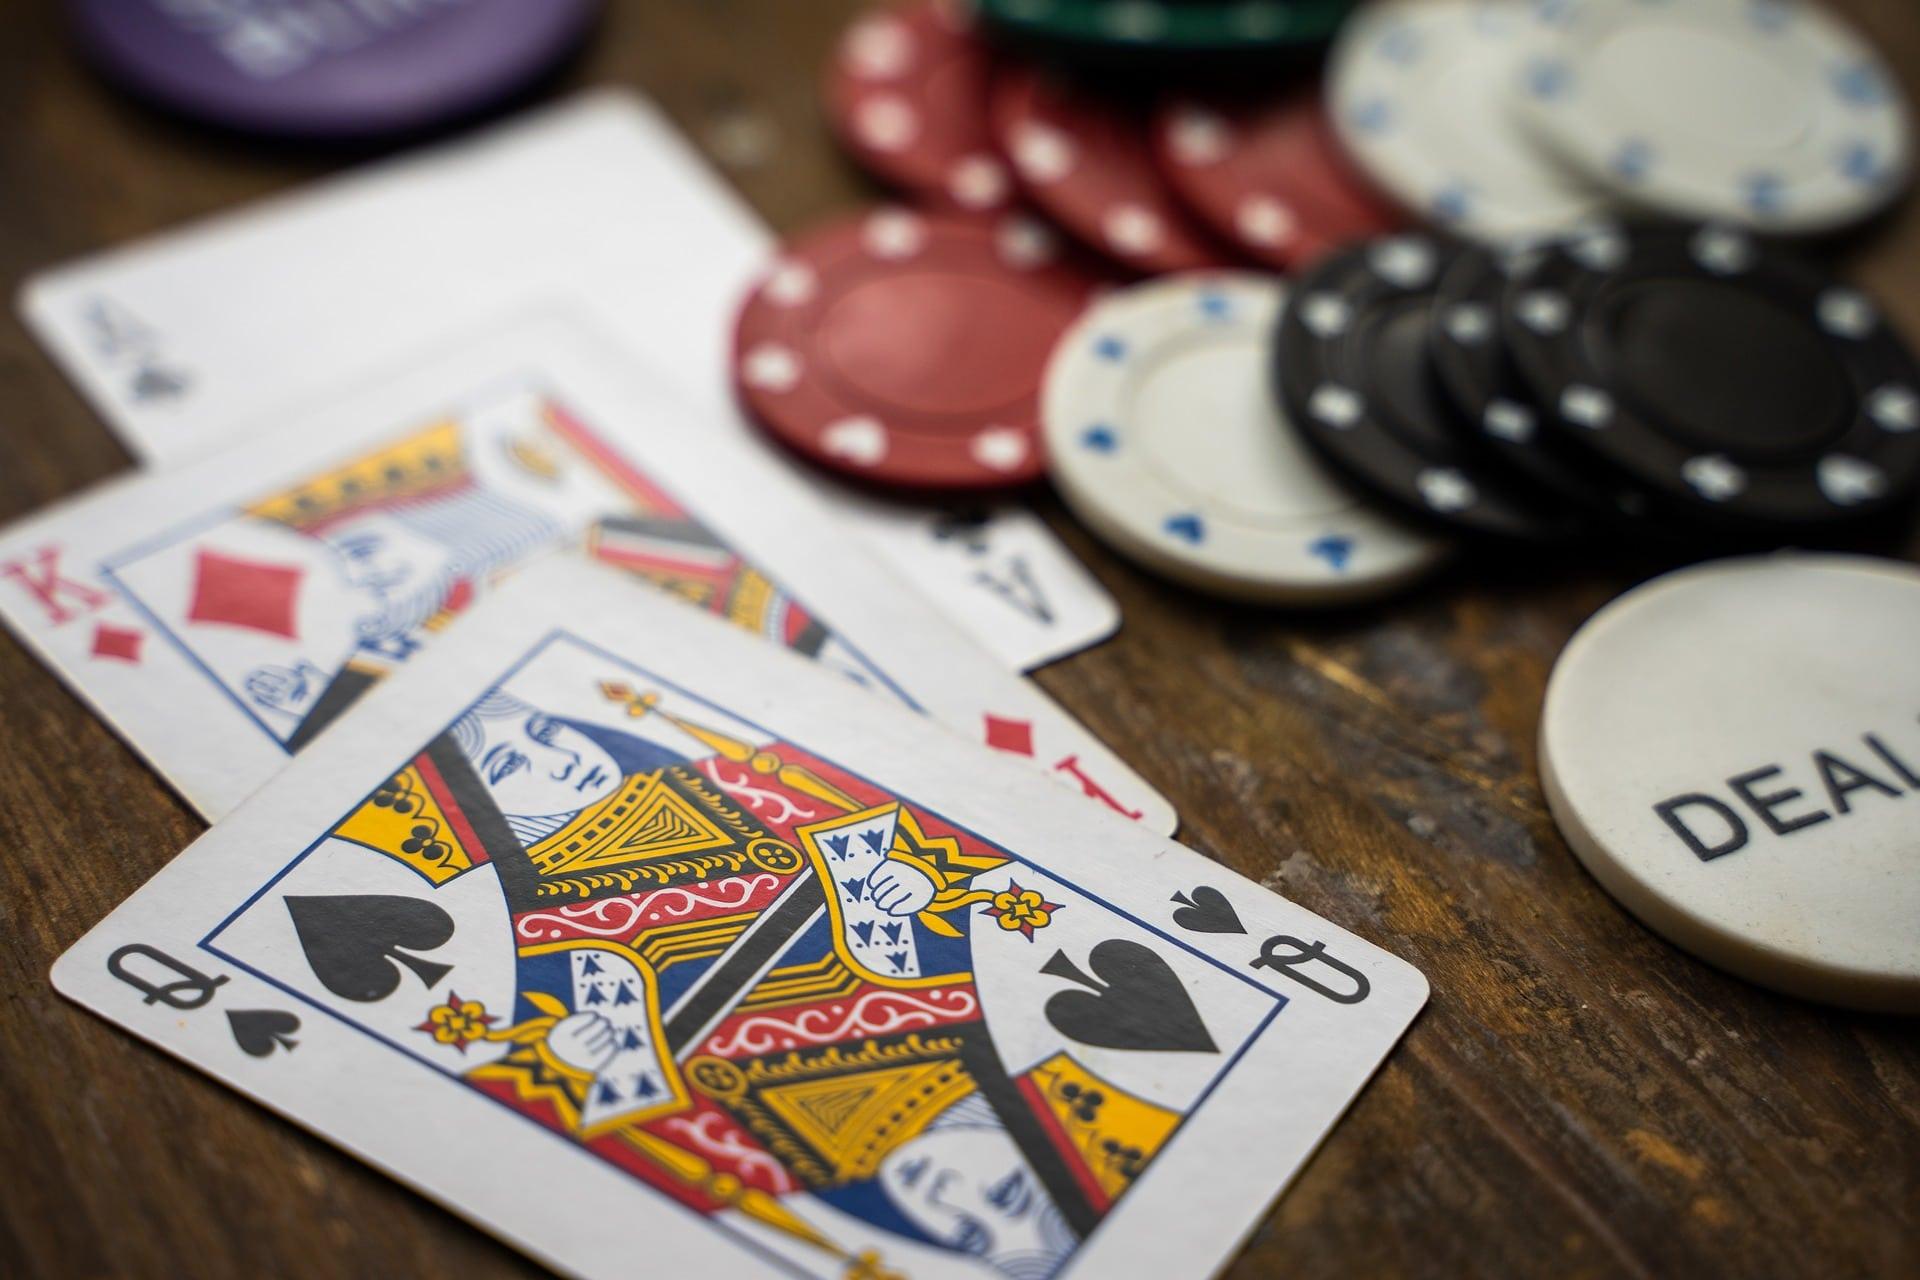 gambling 4178458 1920 DUKER 賭博客